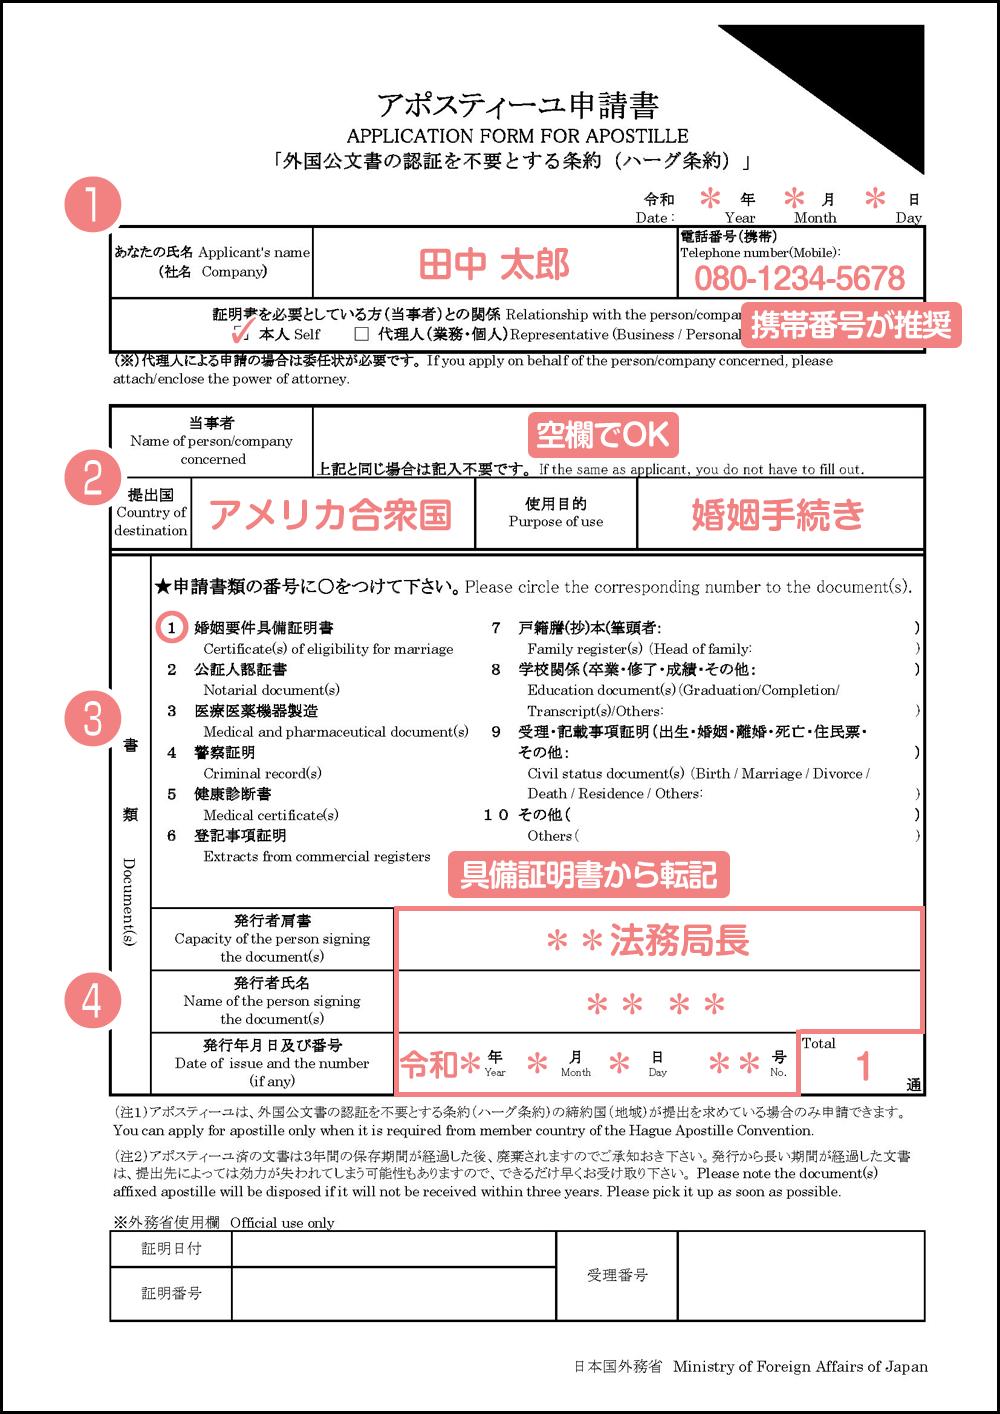 アポスティーユ申請書の書き方・記入例